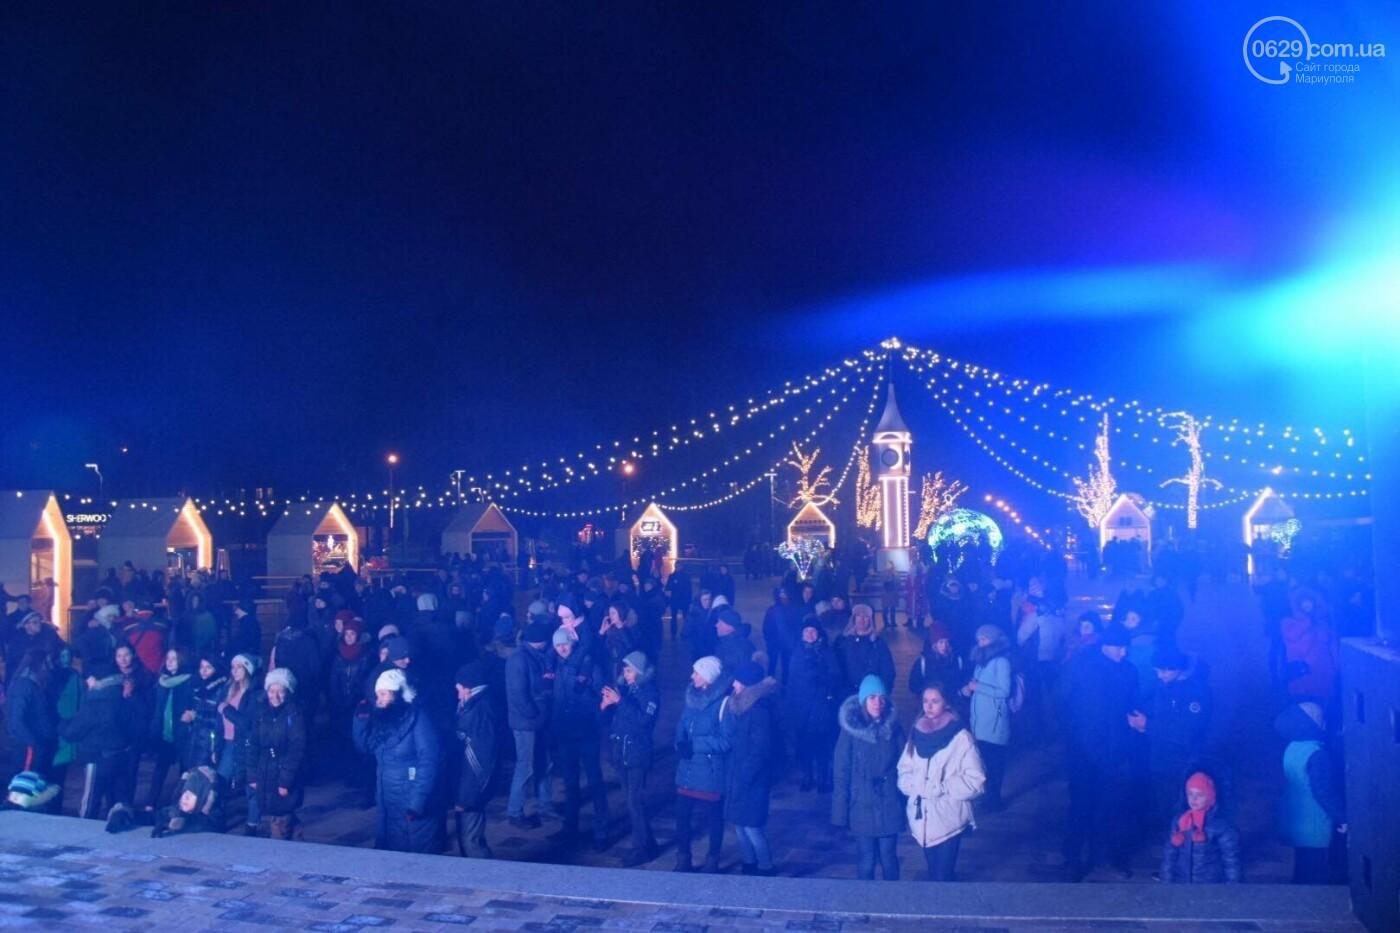 Мариупольцы отметили католическое Рождество, - ФОТО, ВИДЕО, фото-13